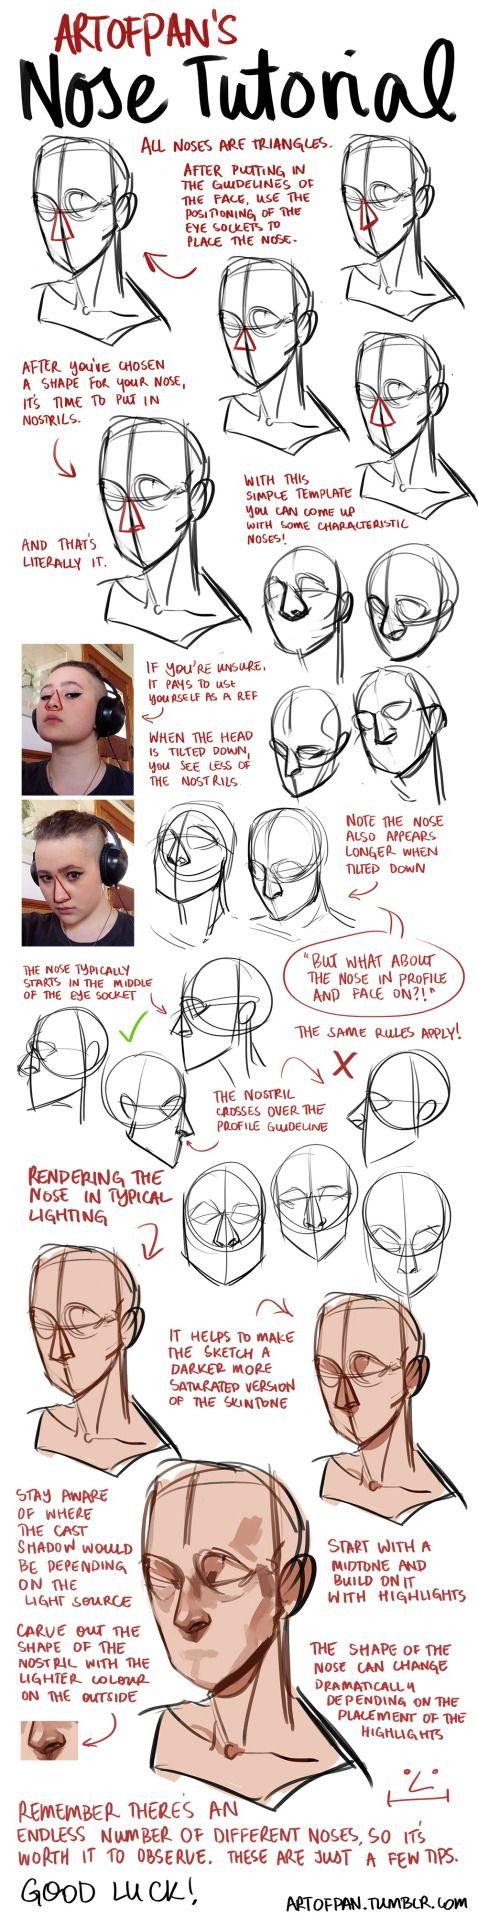 drawingden: Nose Tutorial by artofpan